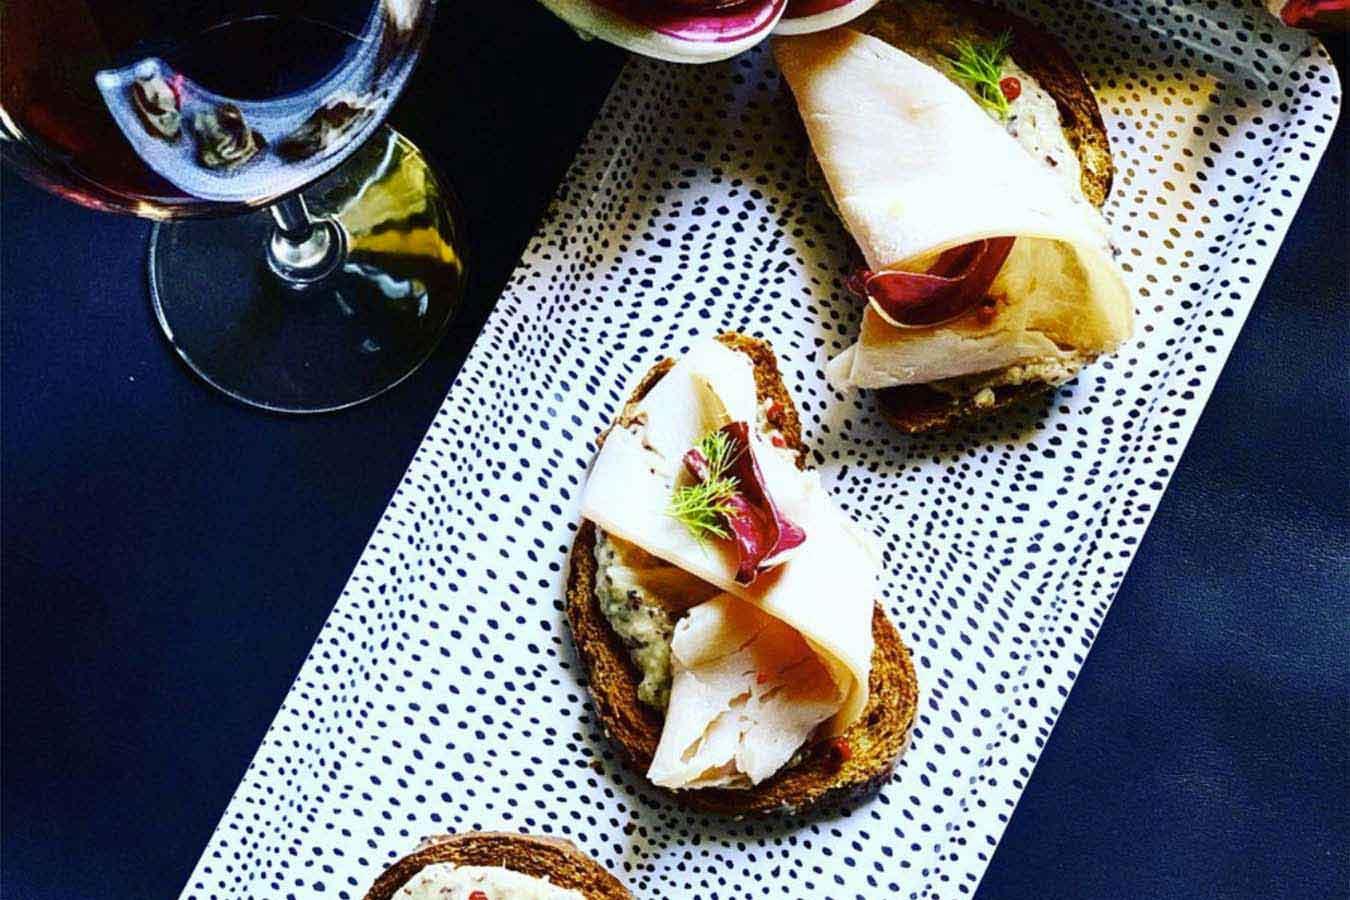 Aperitivo fai da te: Ricette furbe per un perfetto aperitivo casalingo